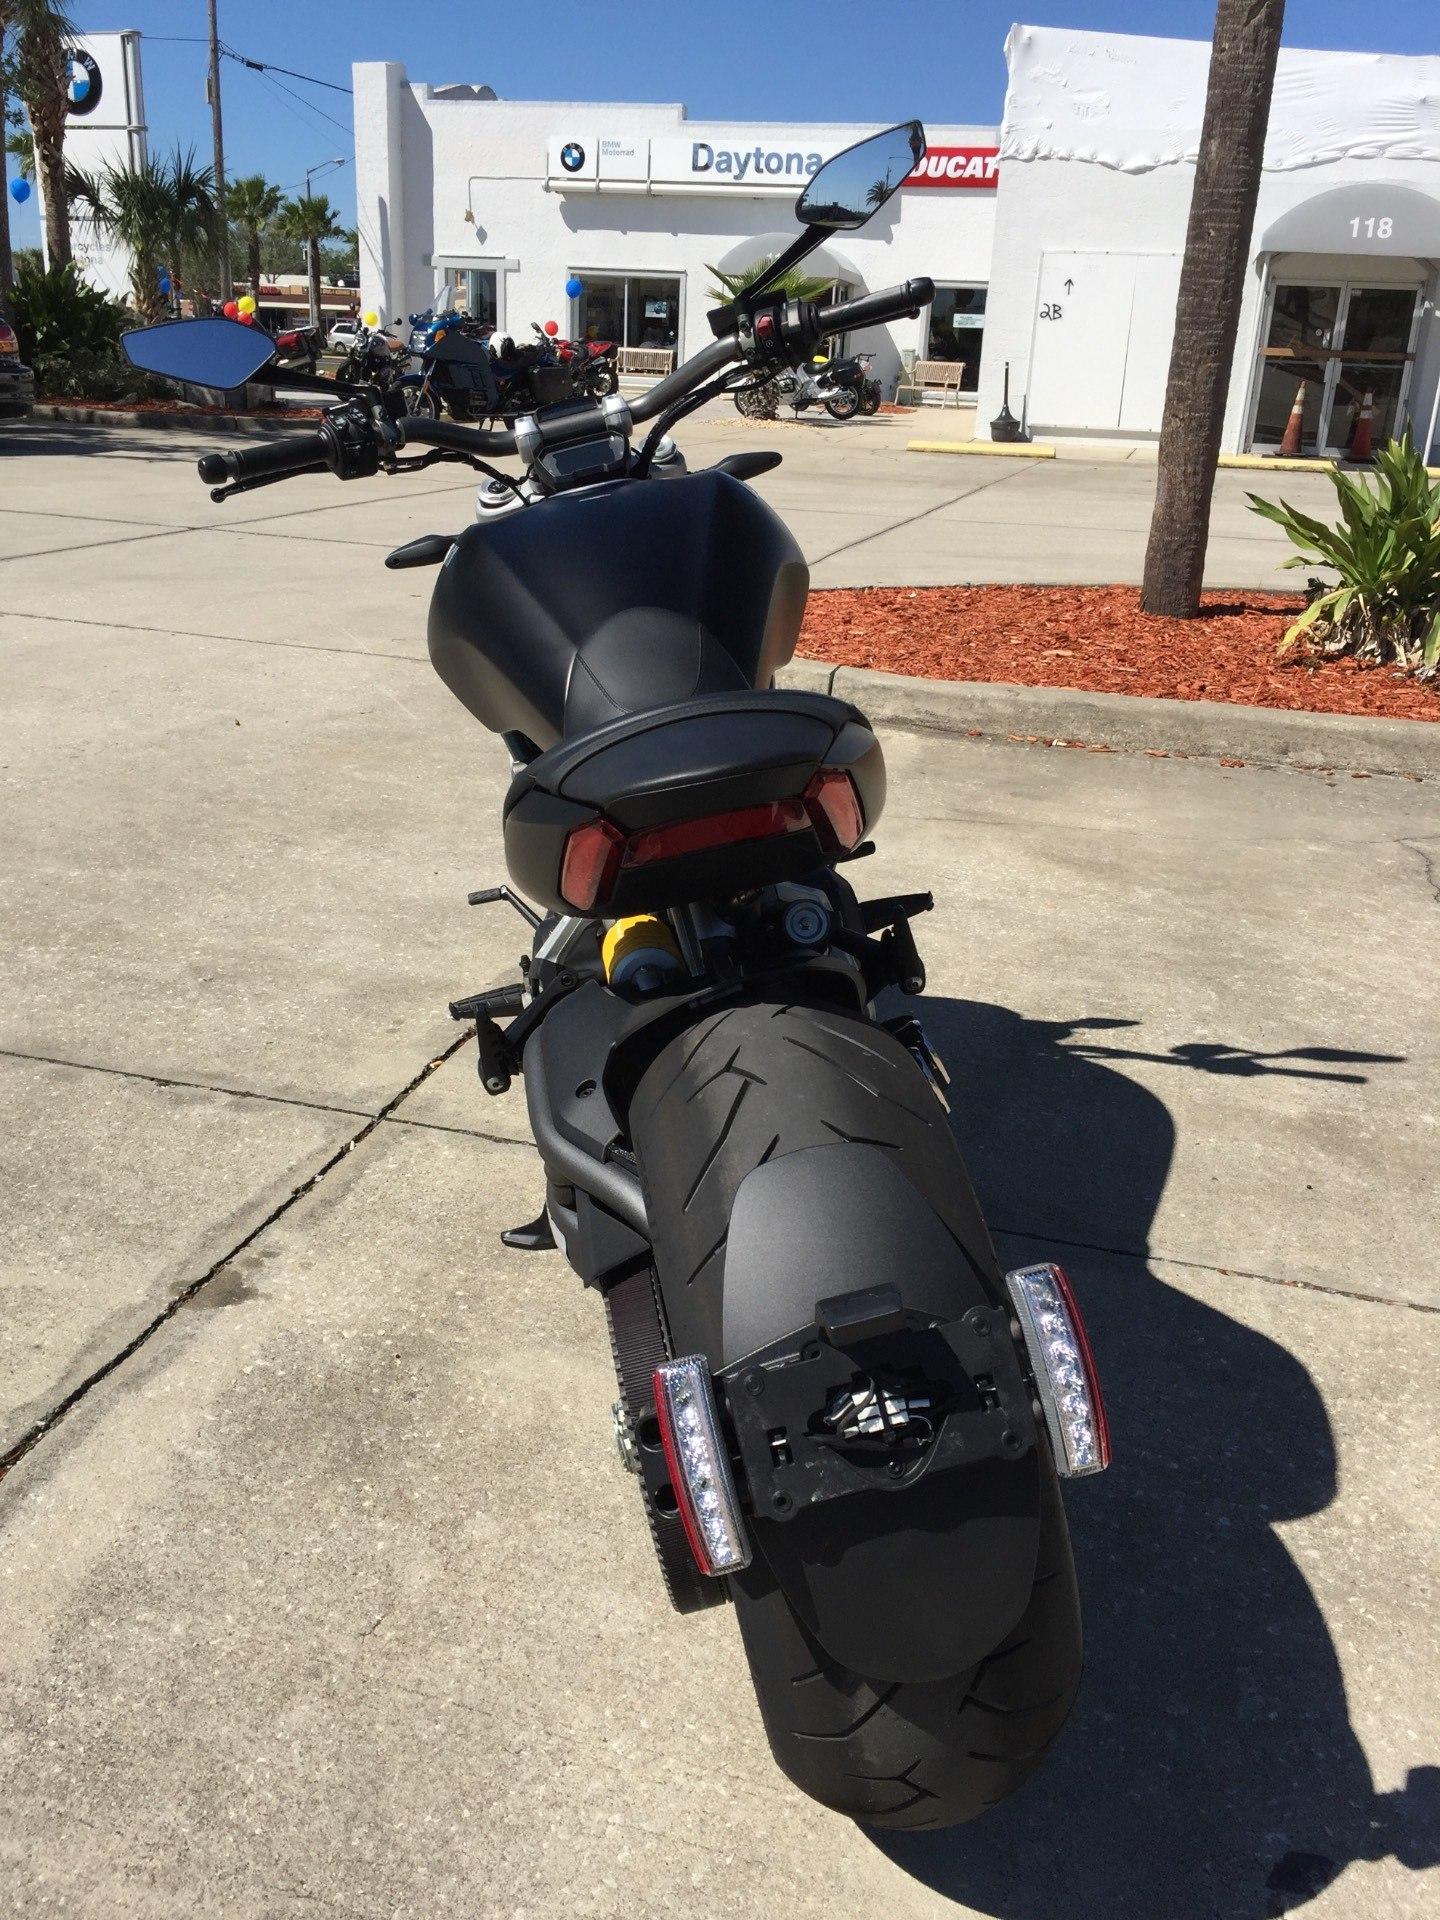 2016 Ducati XDiavel in Daytona Beach, Florida